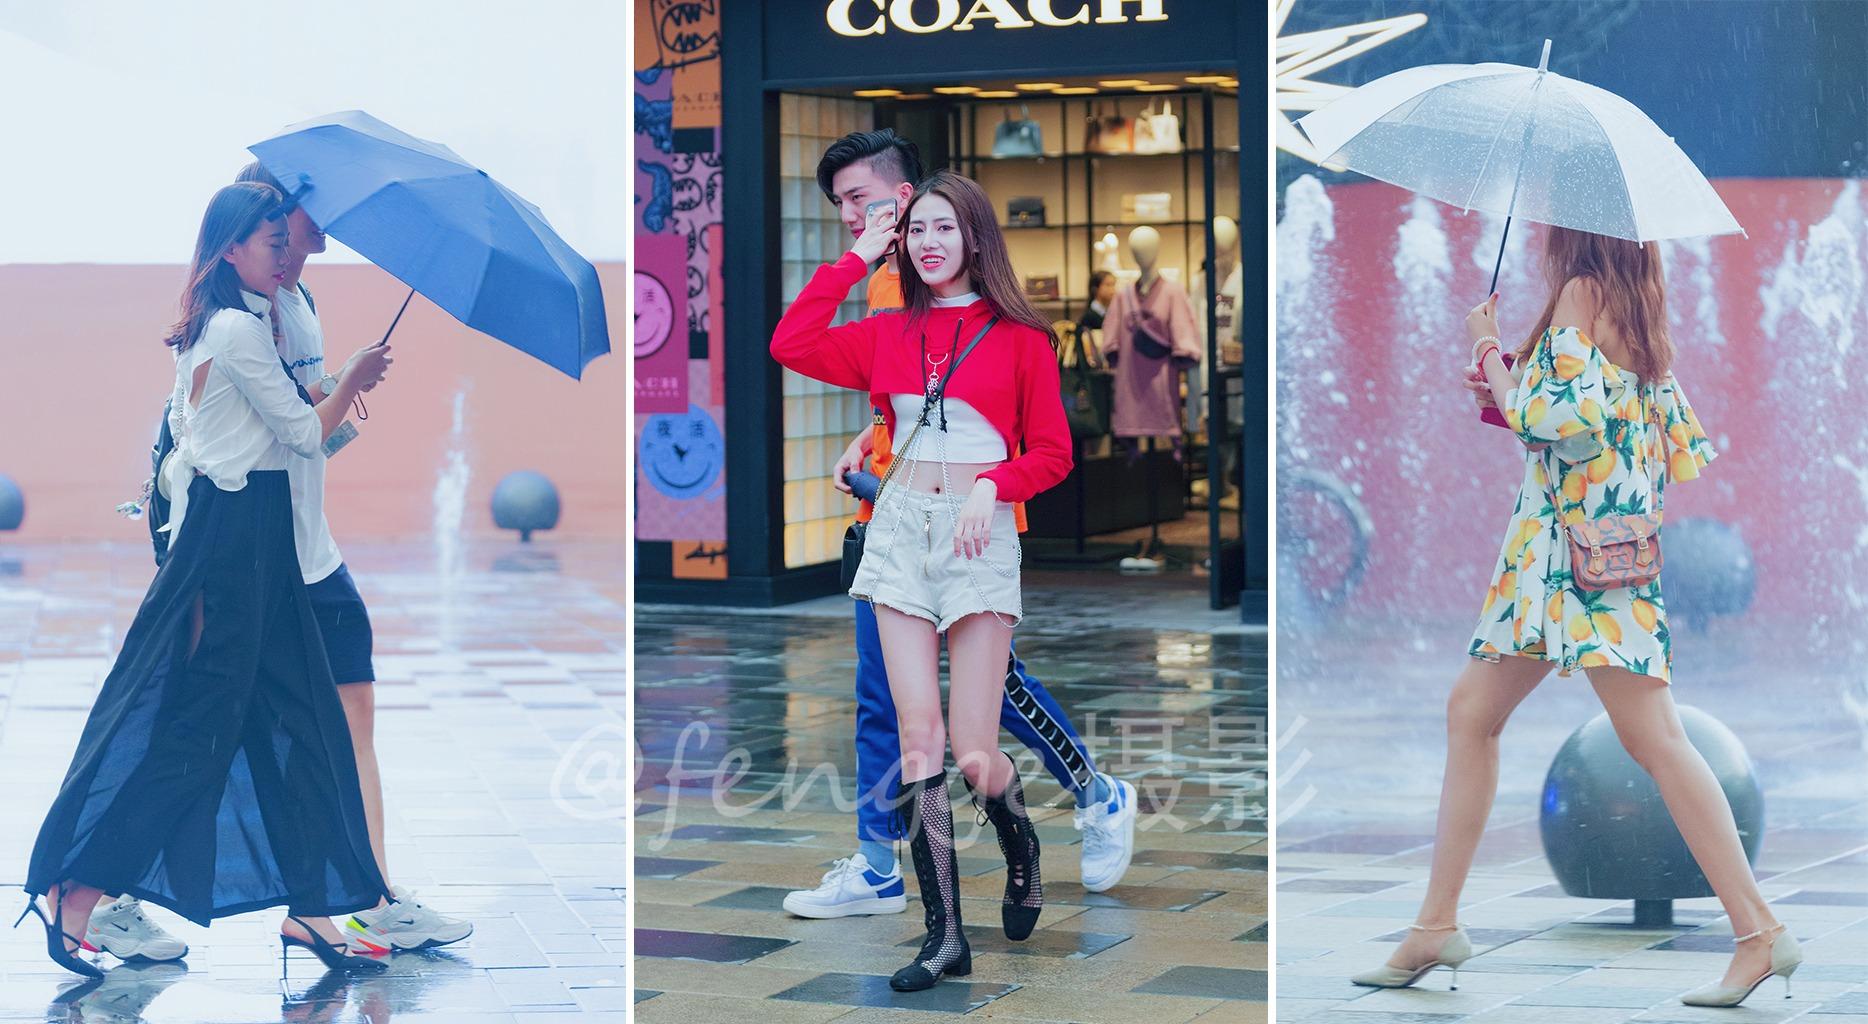 街拍:三里屯美女不寻常,偶遇暴雨依然镇静,时尚之气丝毫不减